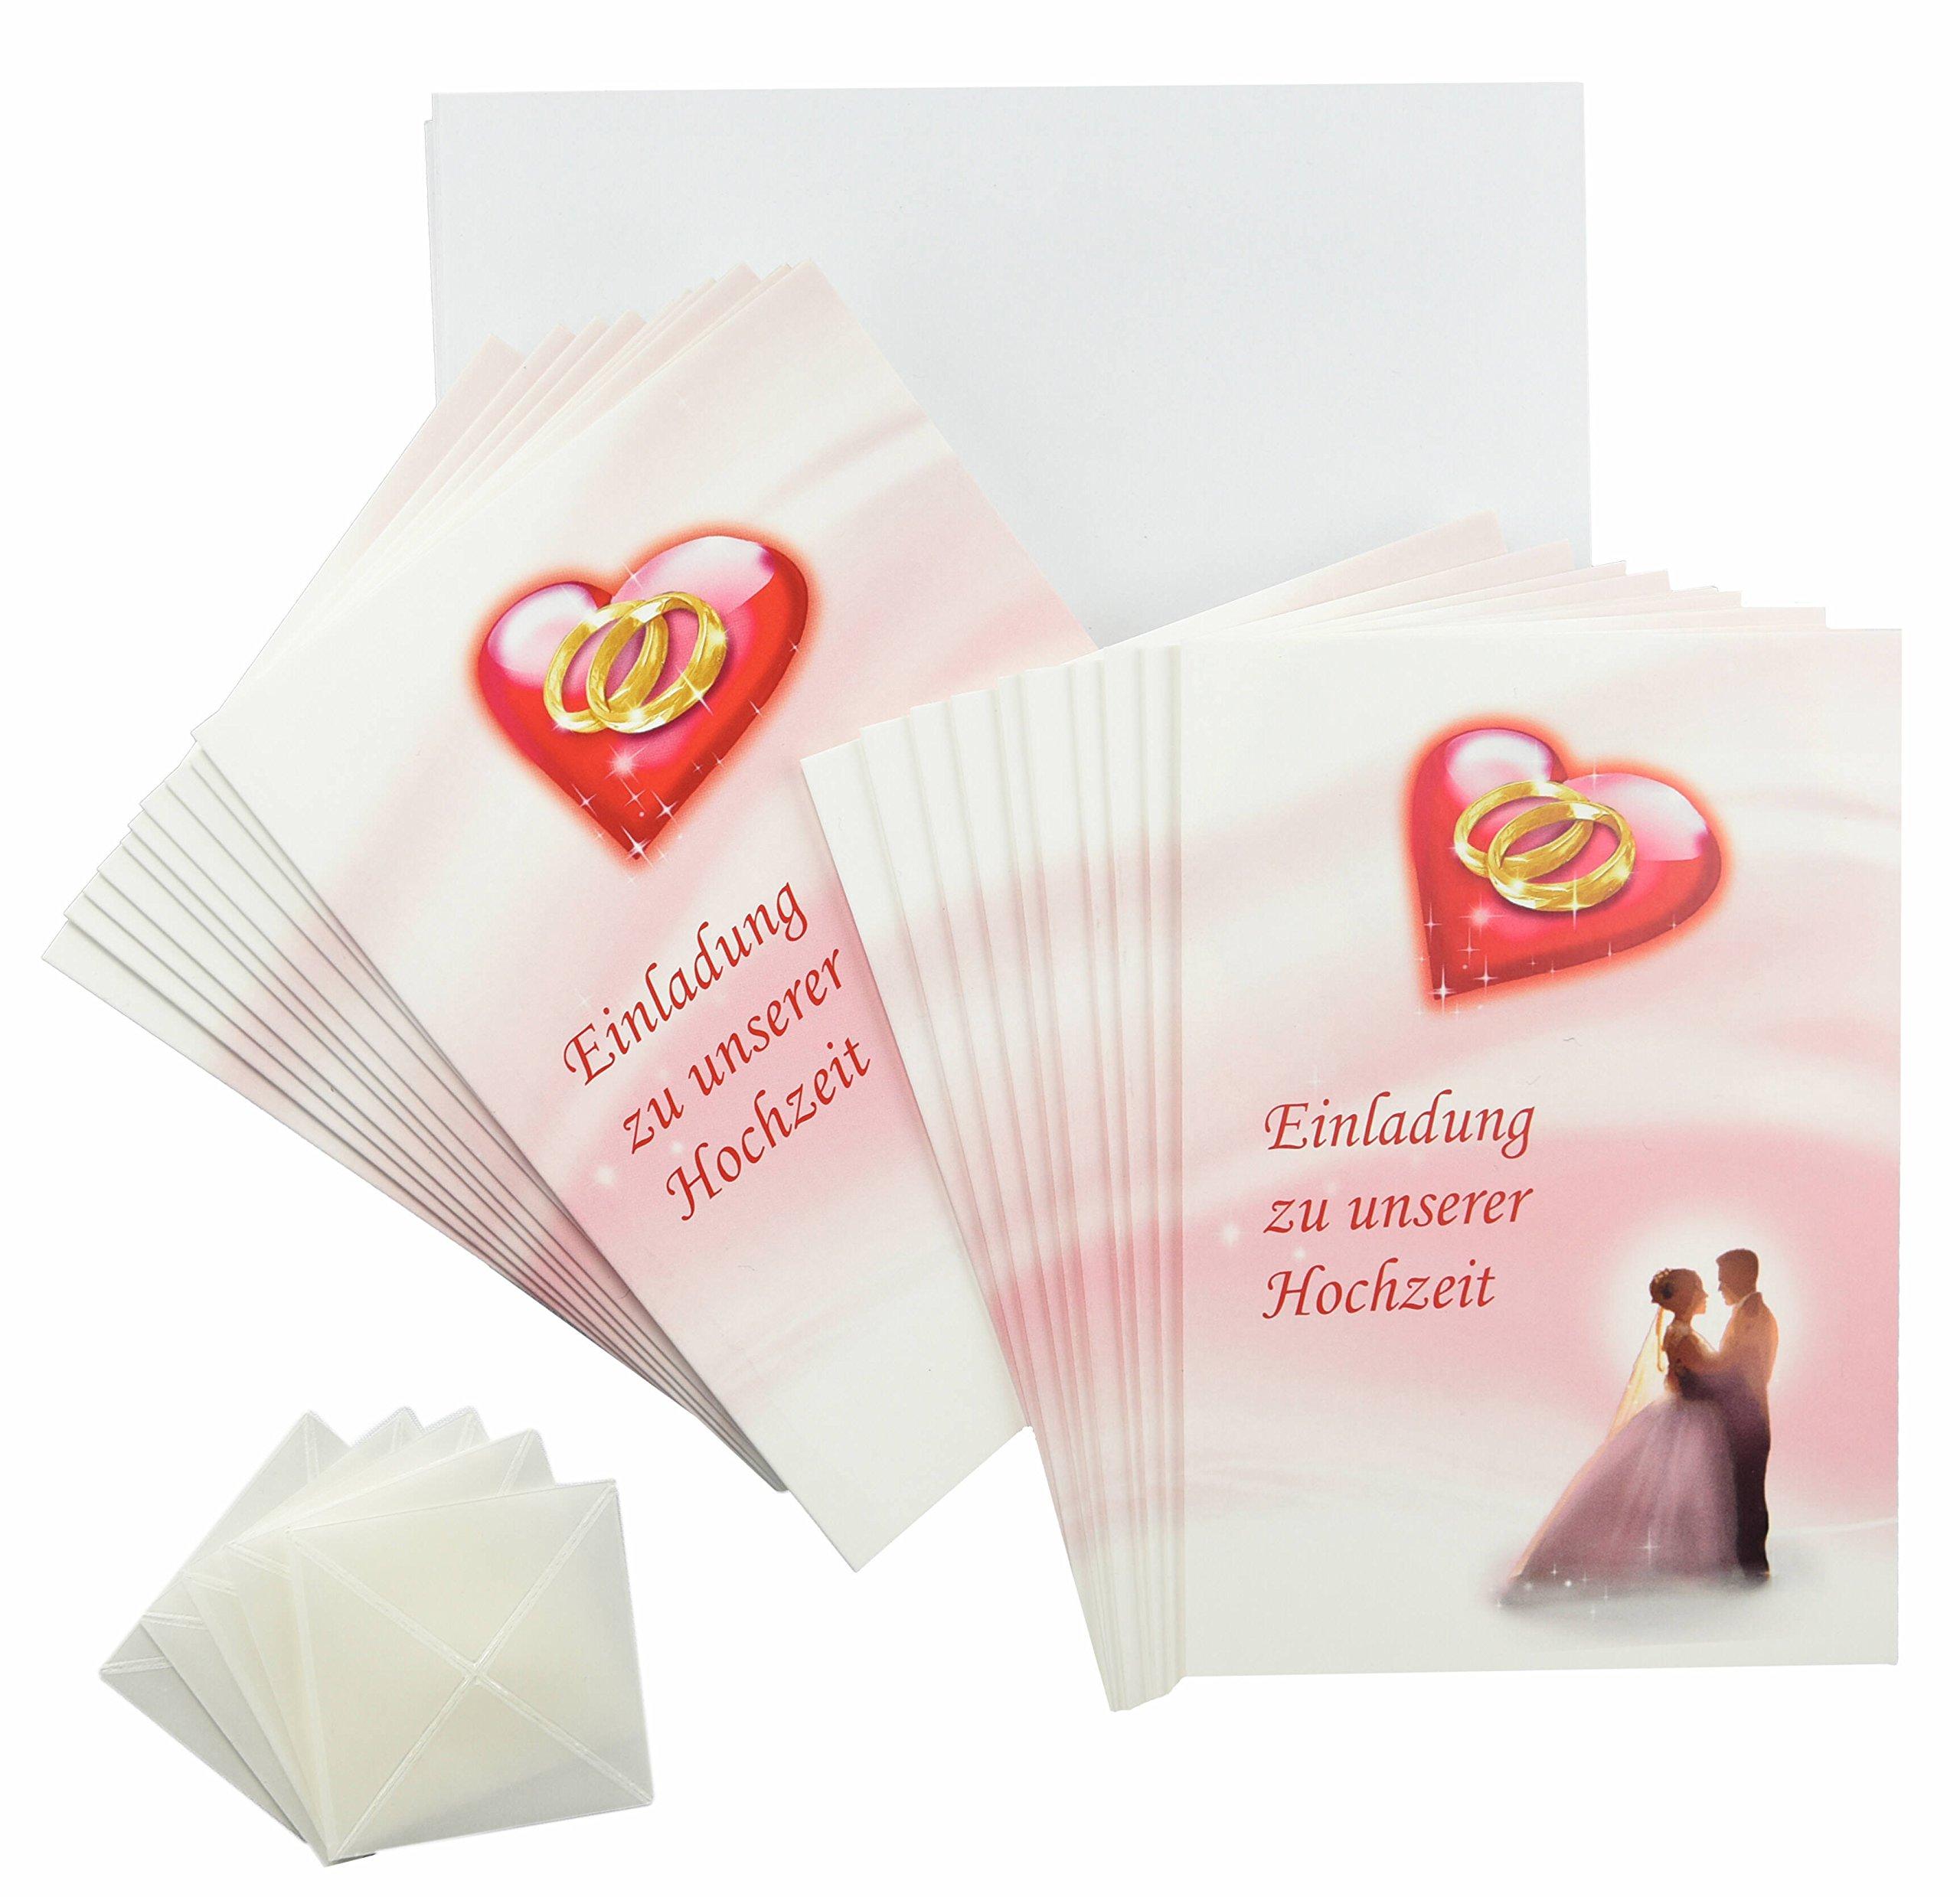 Hochzeit Einladungskarten Rosa   Rot   Weiß Im Set. Einladungen Zum Hochzeit  Feiern Mit 20